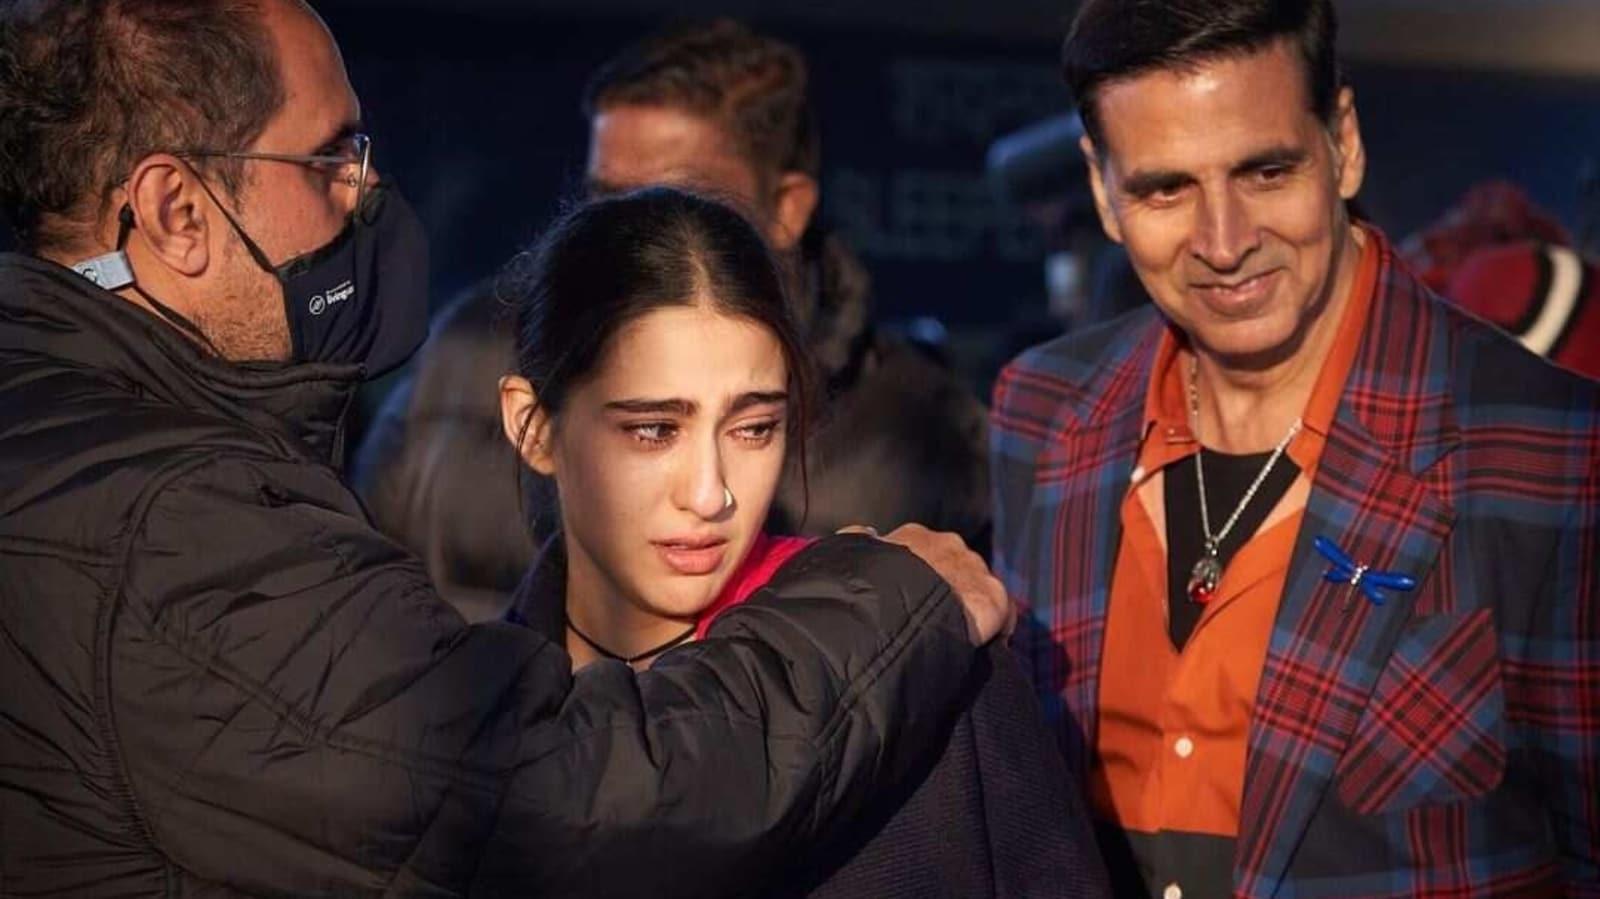 Sara Ali Khan recalls breaking down, eating South Indian food with Dhanush, 'stalking' Akshay Kumar as Atrangi Re wraps - Hindustan Times